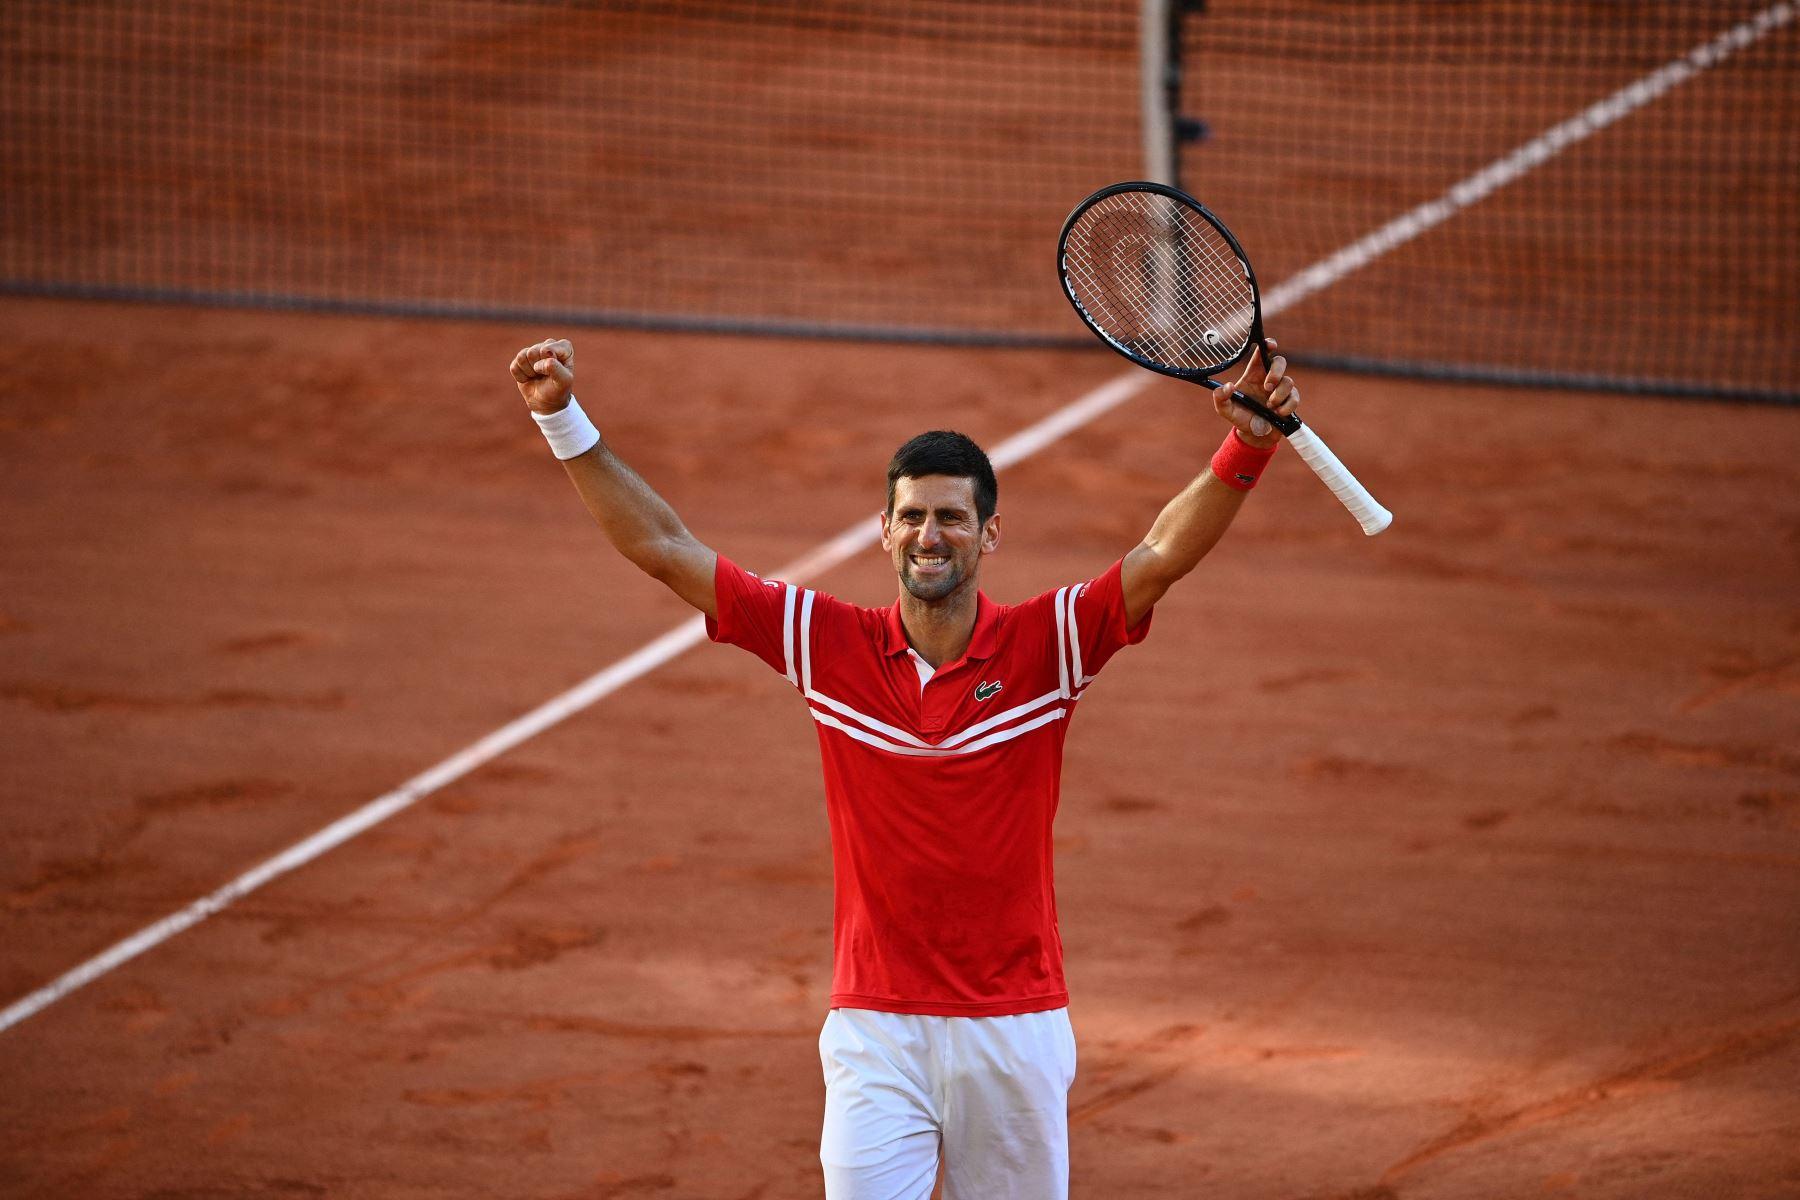 El serbio Novak Djokovic celebra después de ganar al griego Stefanos Tsitsipas al final de su último partido de tenis masculino el día 15 del torneo de tenis Roland Garros 2021 del Abierto de Francia en París. Foto: AFP